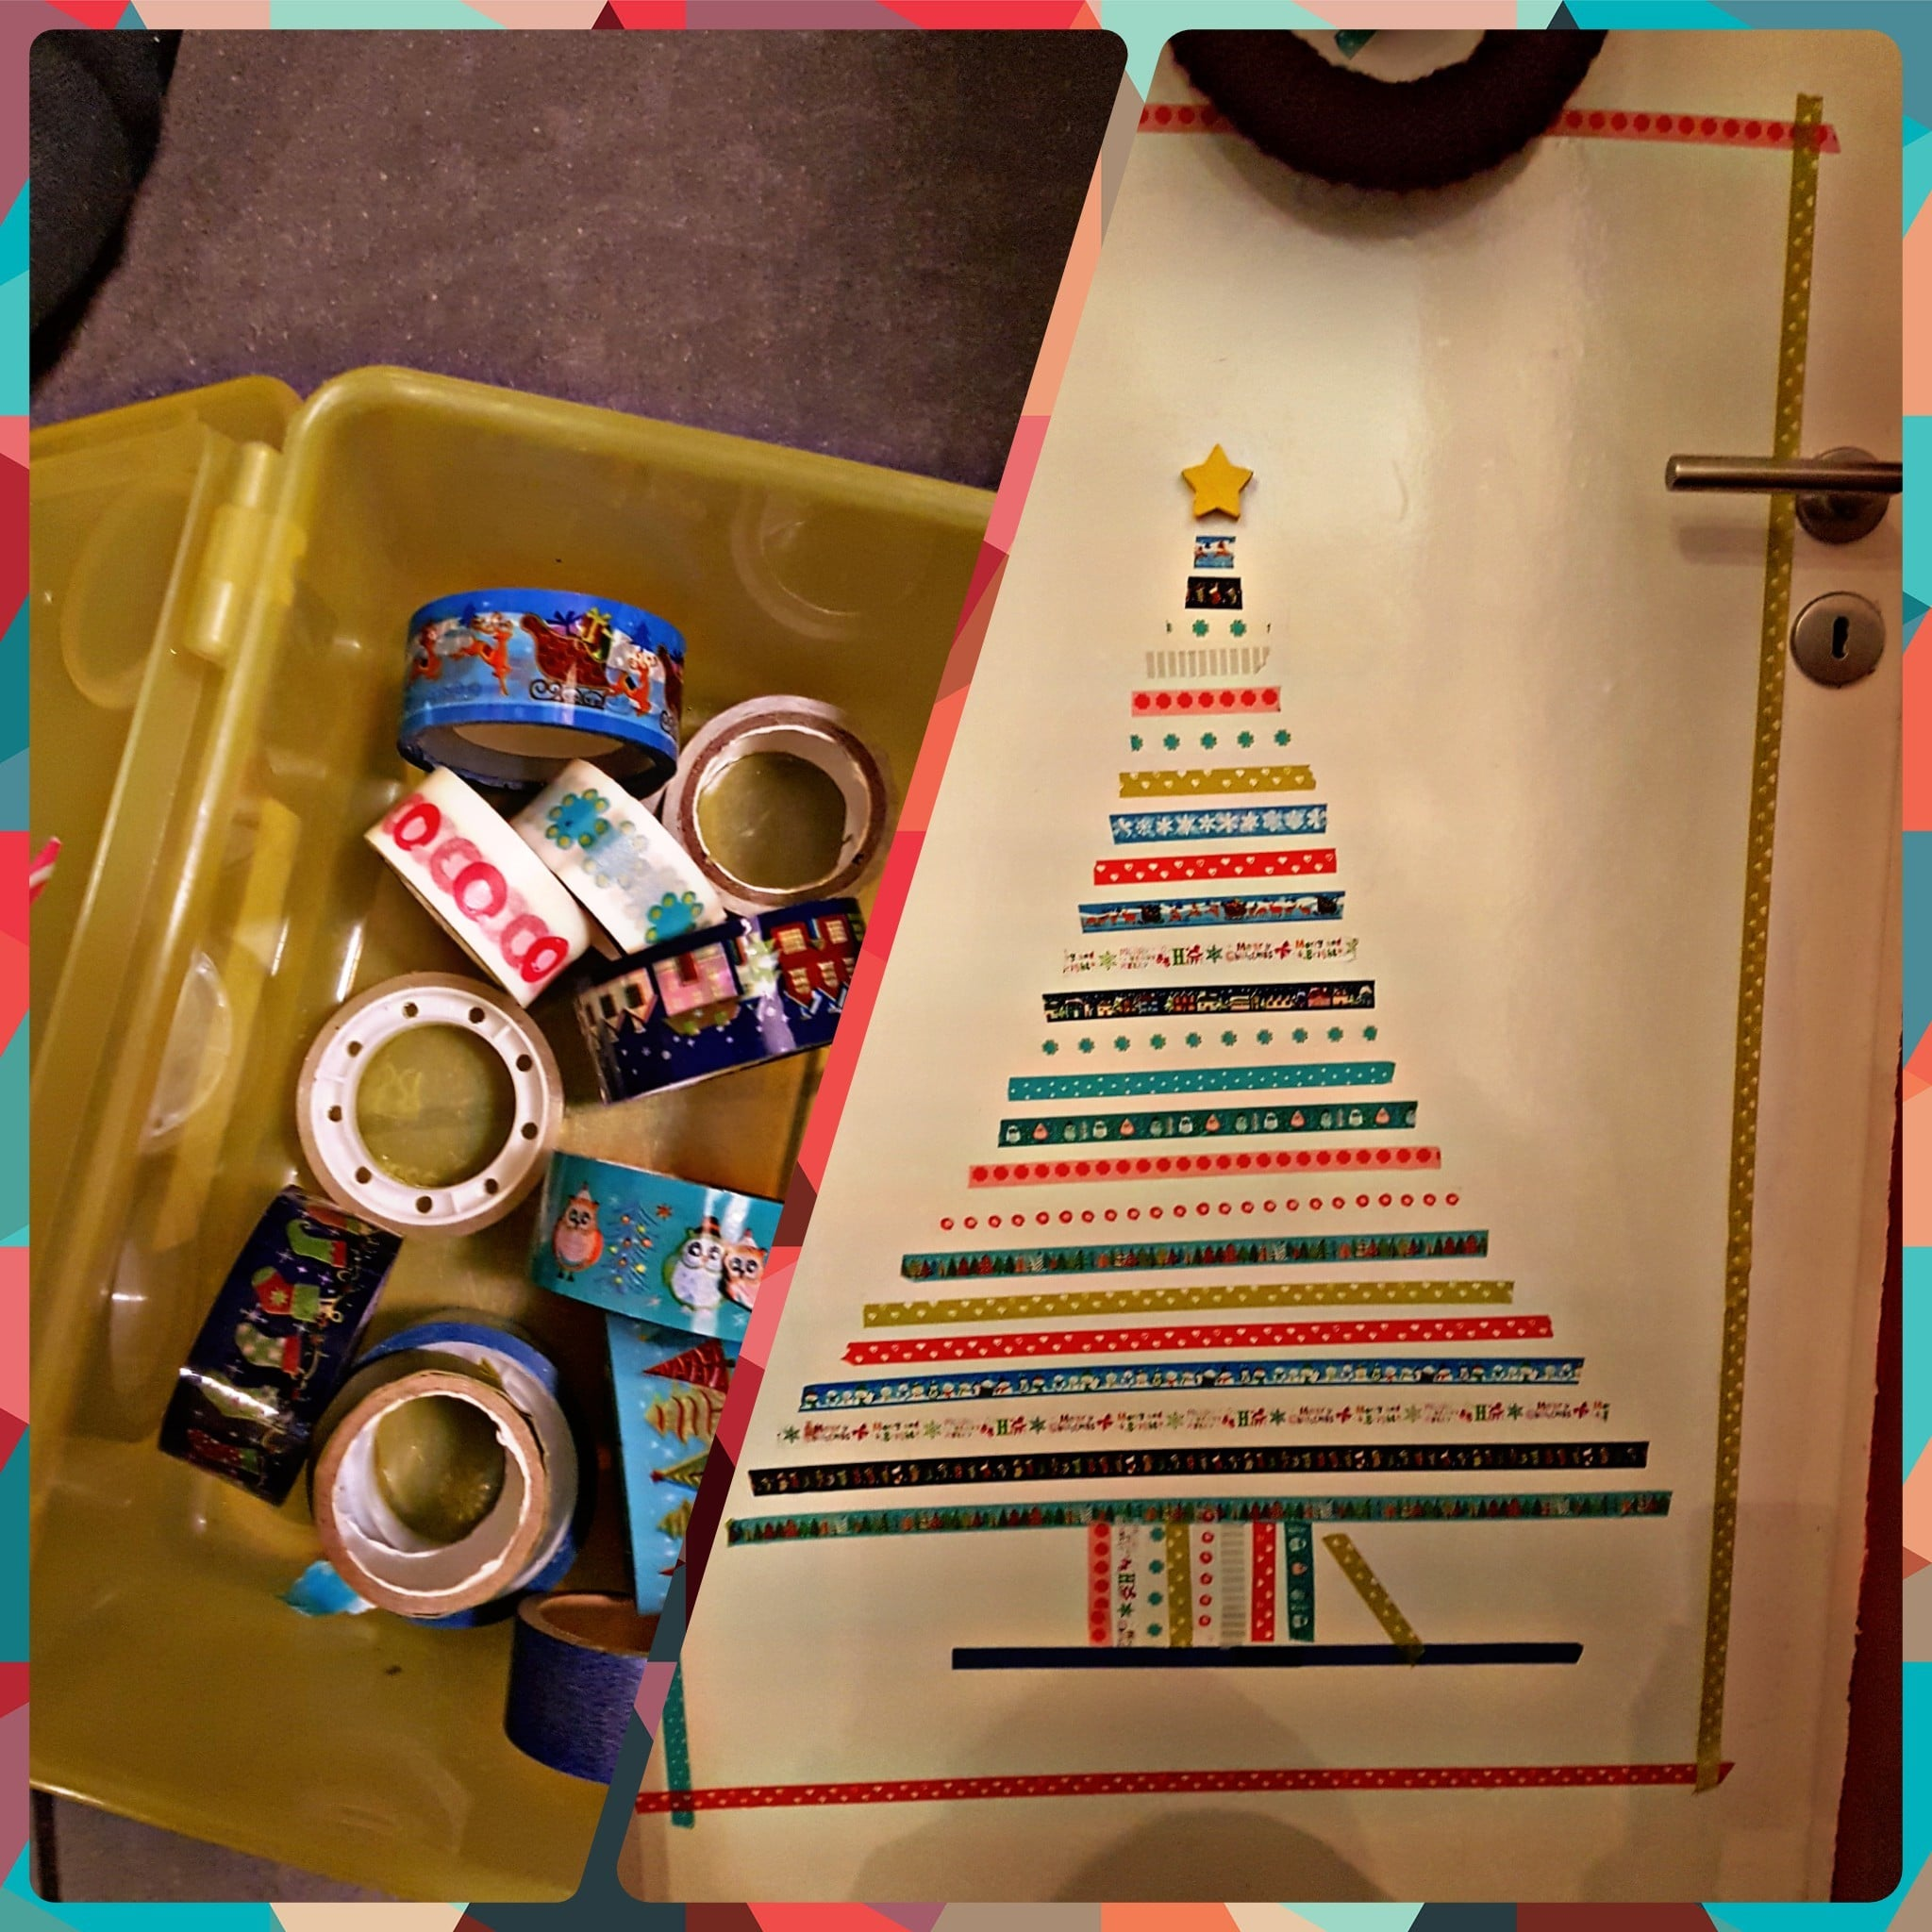 DIY Weihnachtsbaum aus bunten Klebestreifen Tapeband selbst gestalten